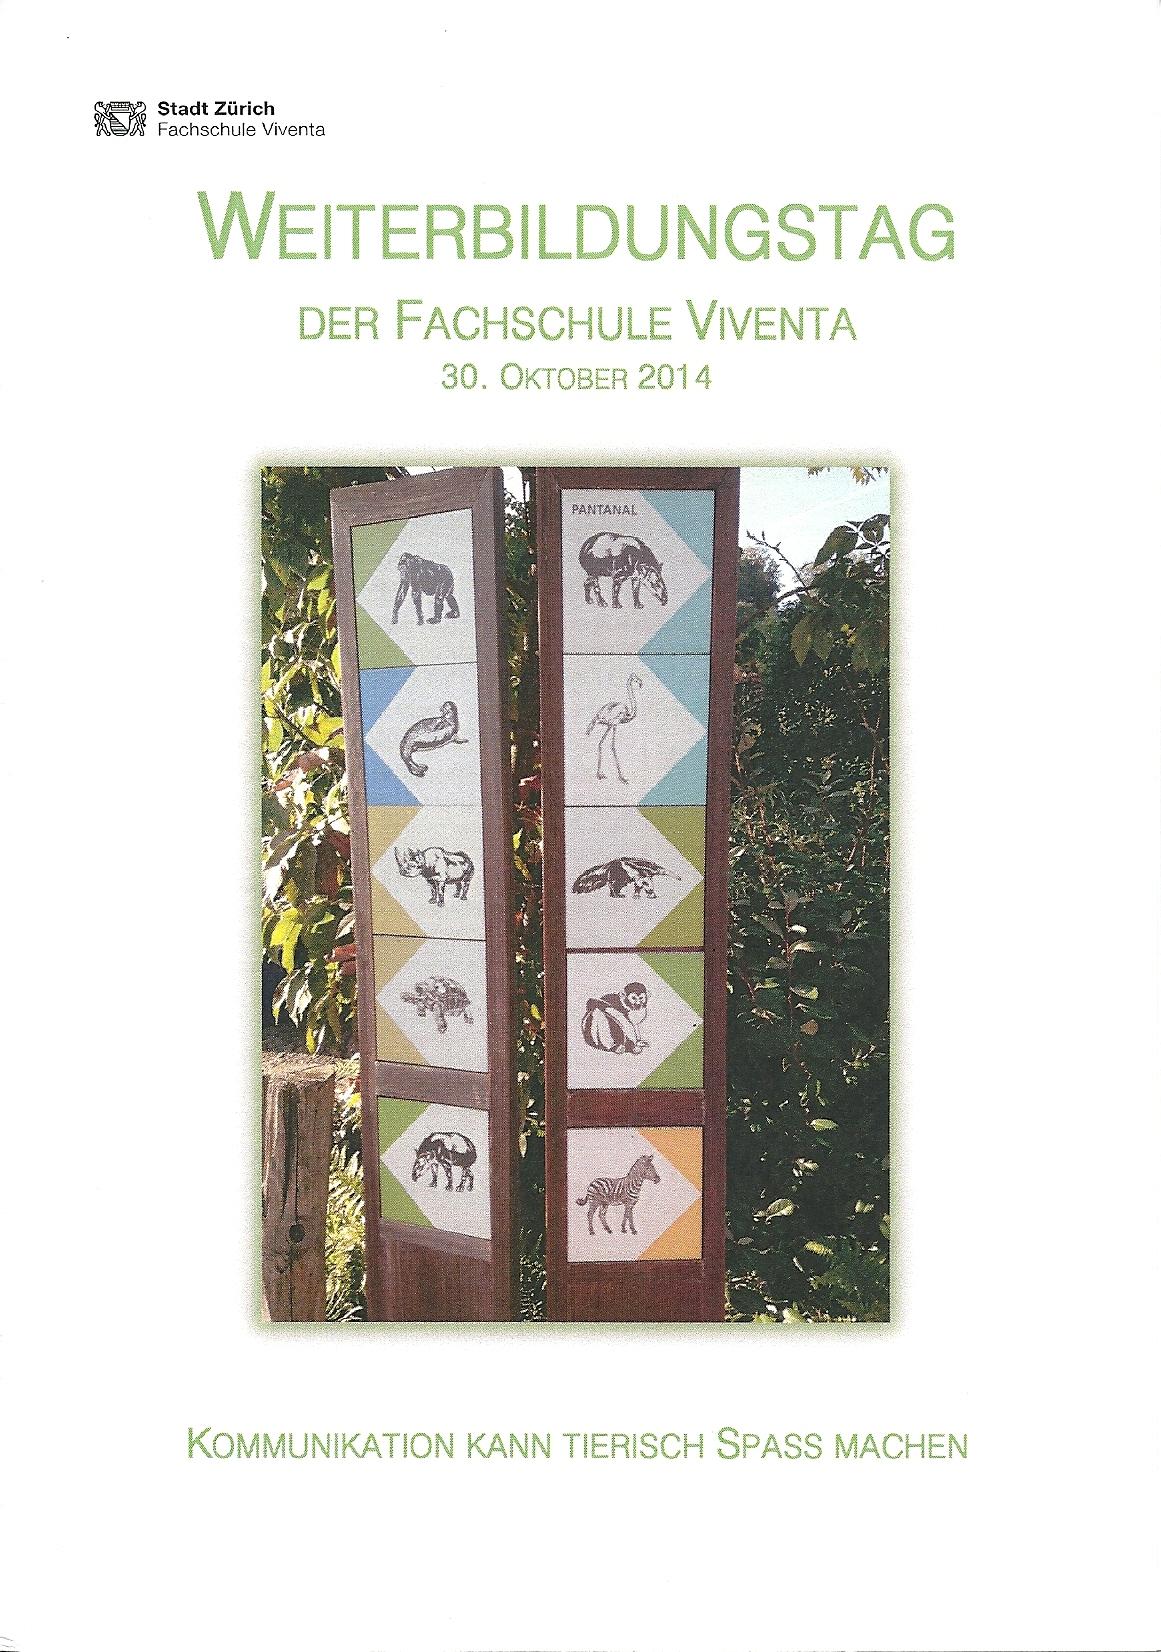 Fachschule Viventa Zürich